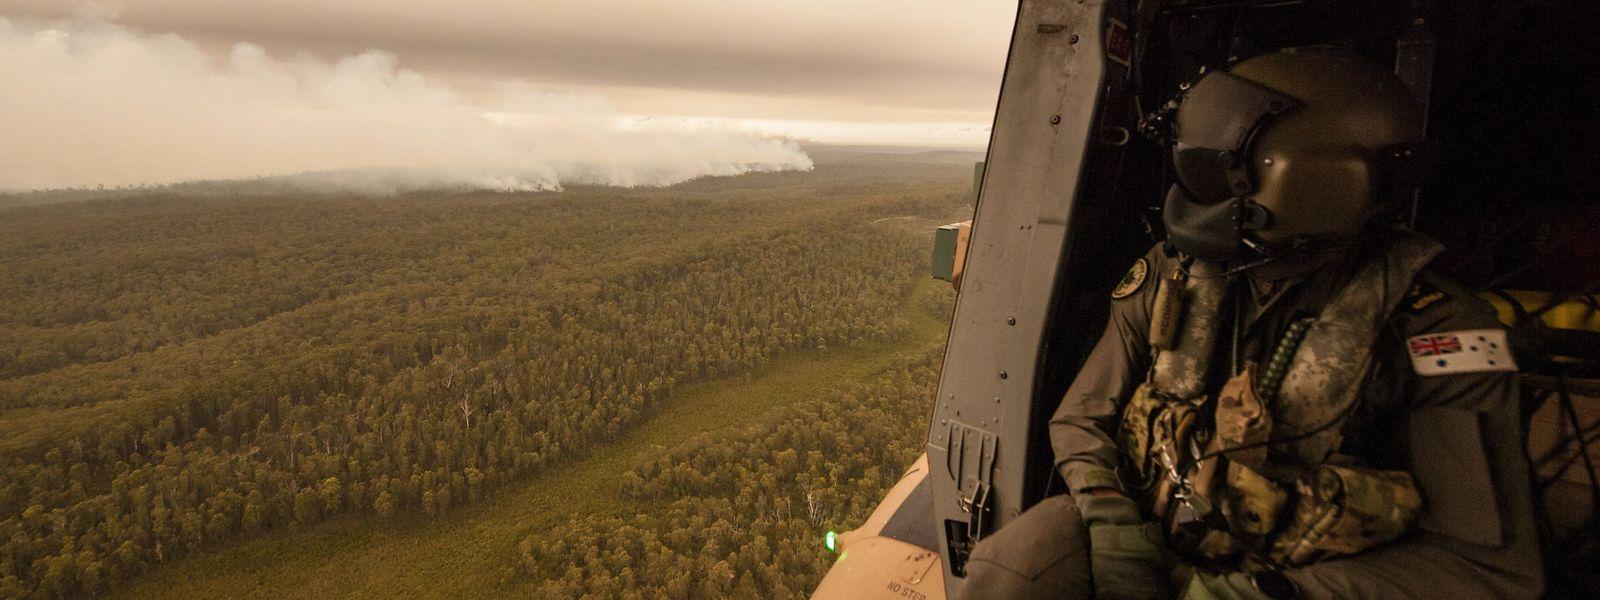 Ein Besatzungsmitglied blickt aus einem Hubschrauber der australischen Navy auf einen Buschbrand in der Region Gippsland im Bundesstaat Victoria.